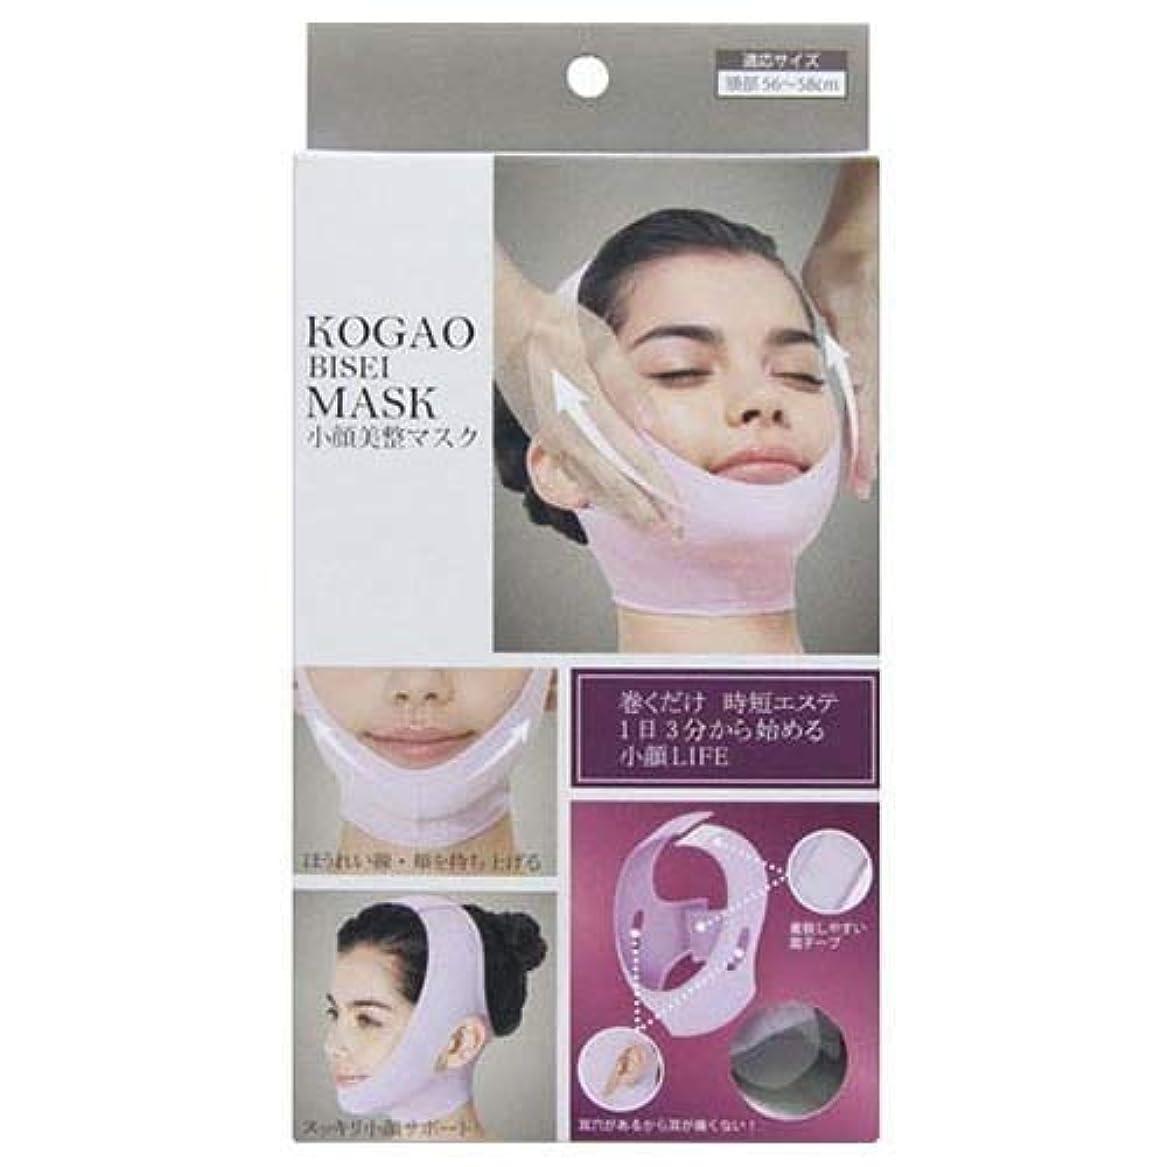 提供パテ隠された小顔美整マスク